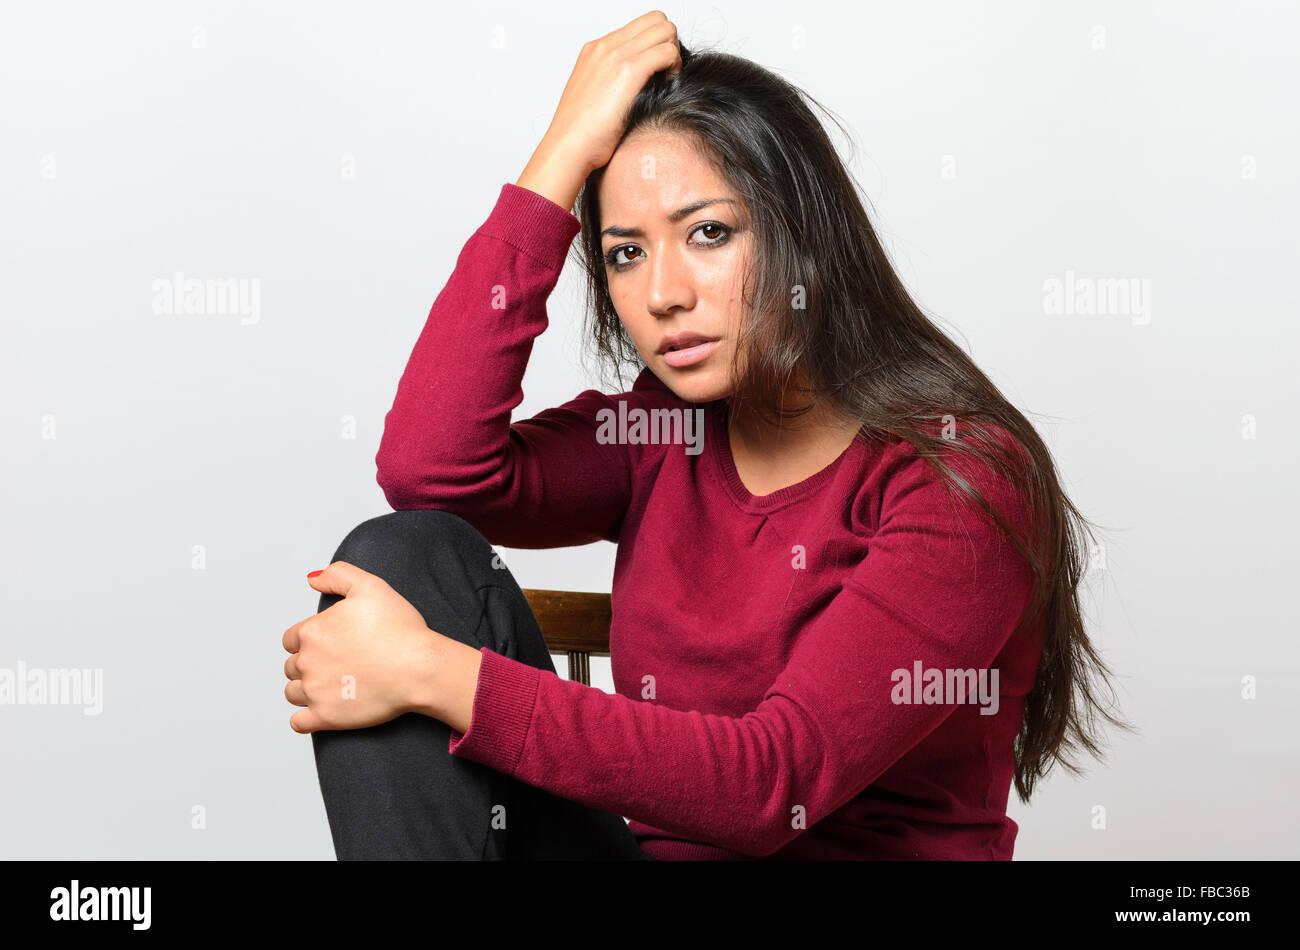 Pisado preocupado joven sentada abrazando su rodilla mirando a la cámara con una grave expresión desanimados Imagen De Stock